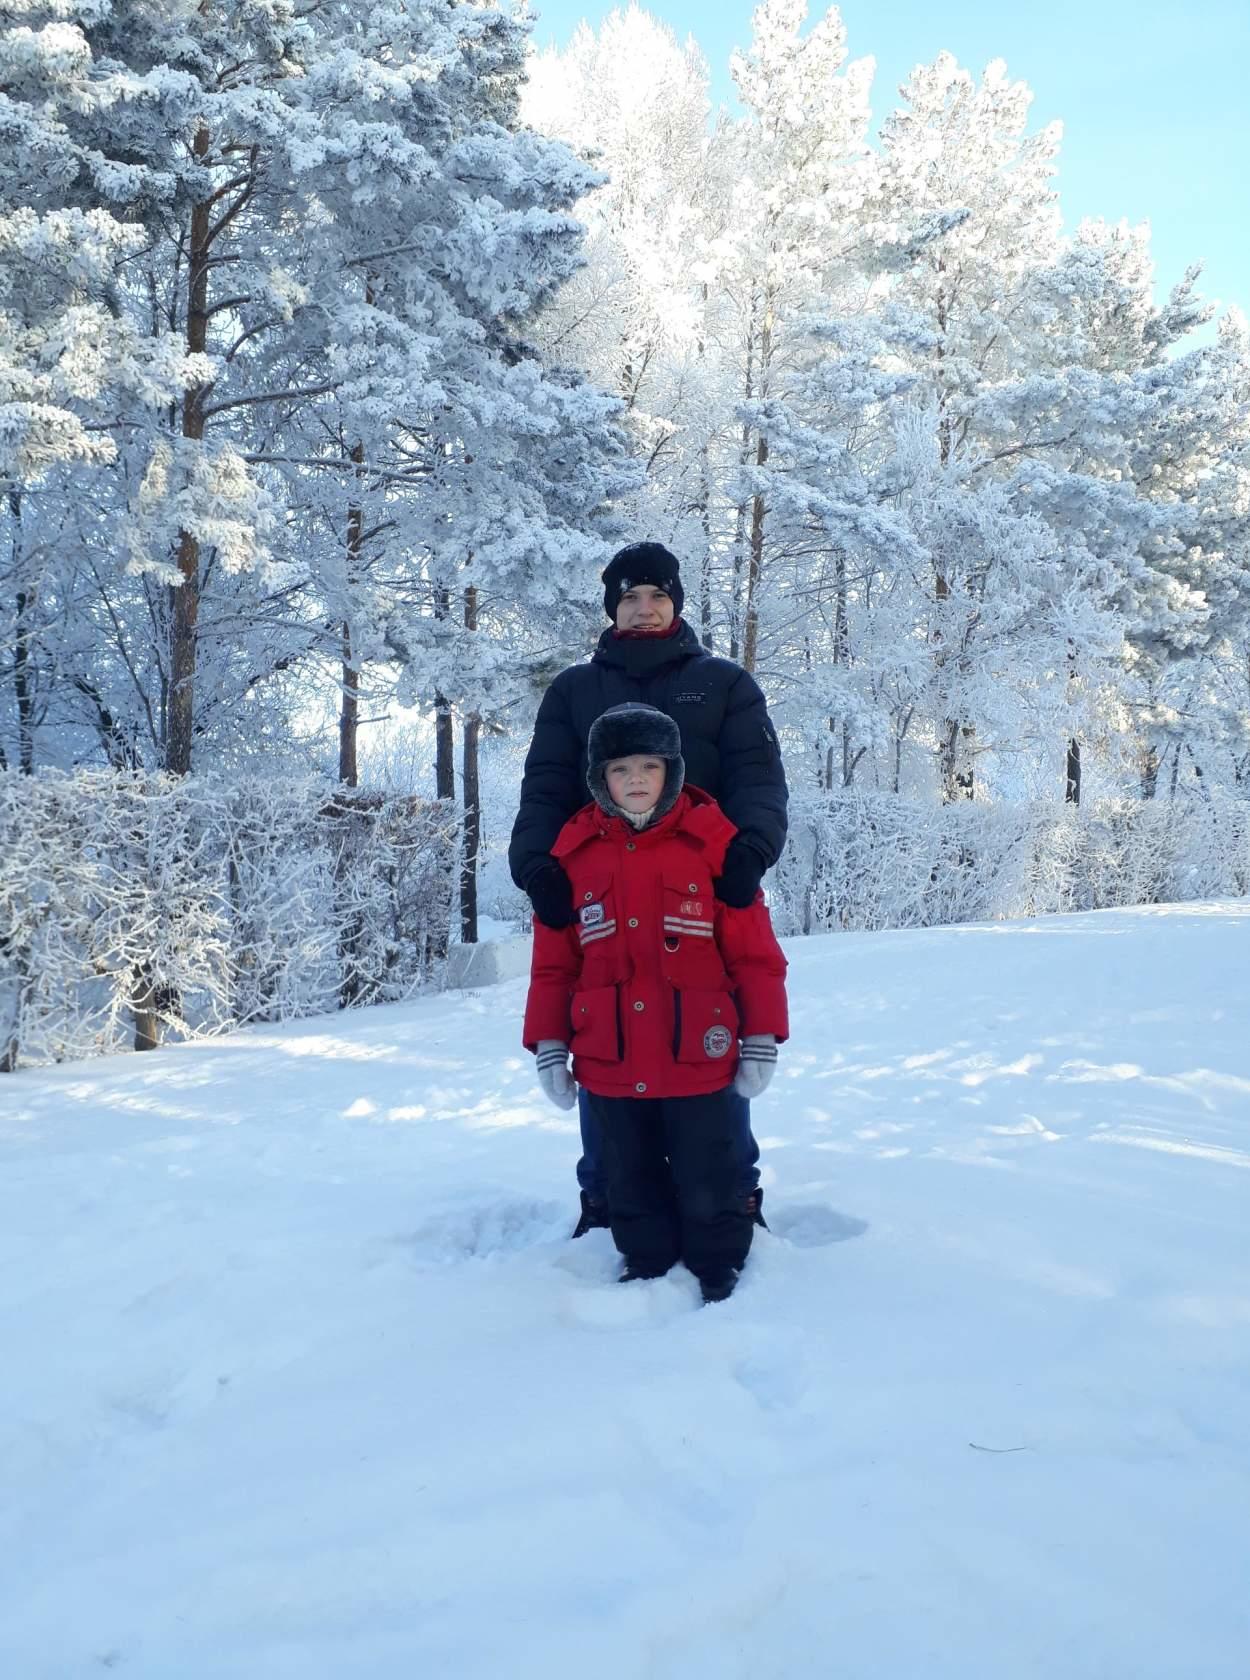 Братья на прогулке в парке. Зимний образ